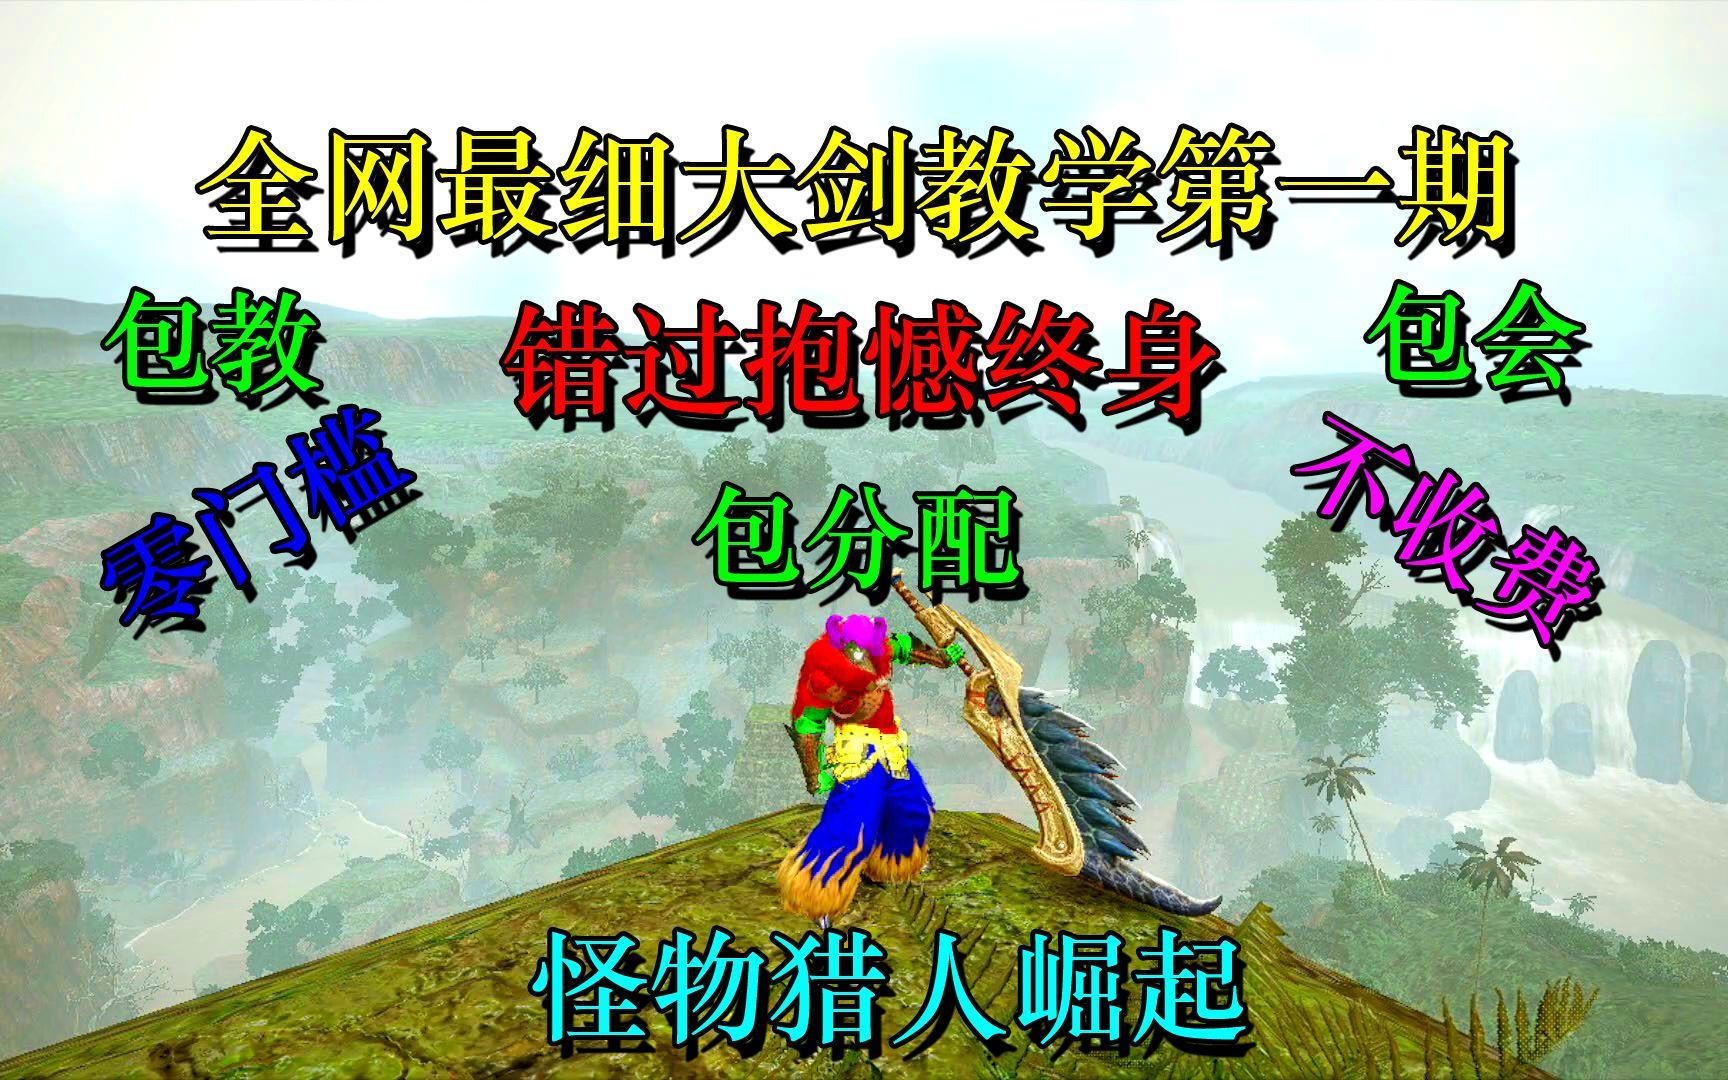 【怪物猎人崛起】全网最细的大剑教学第一期,错过就是过错!